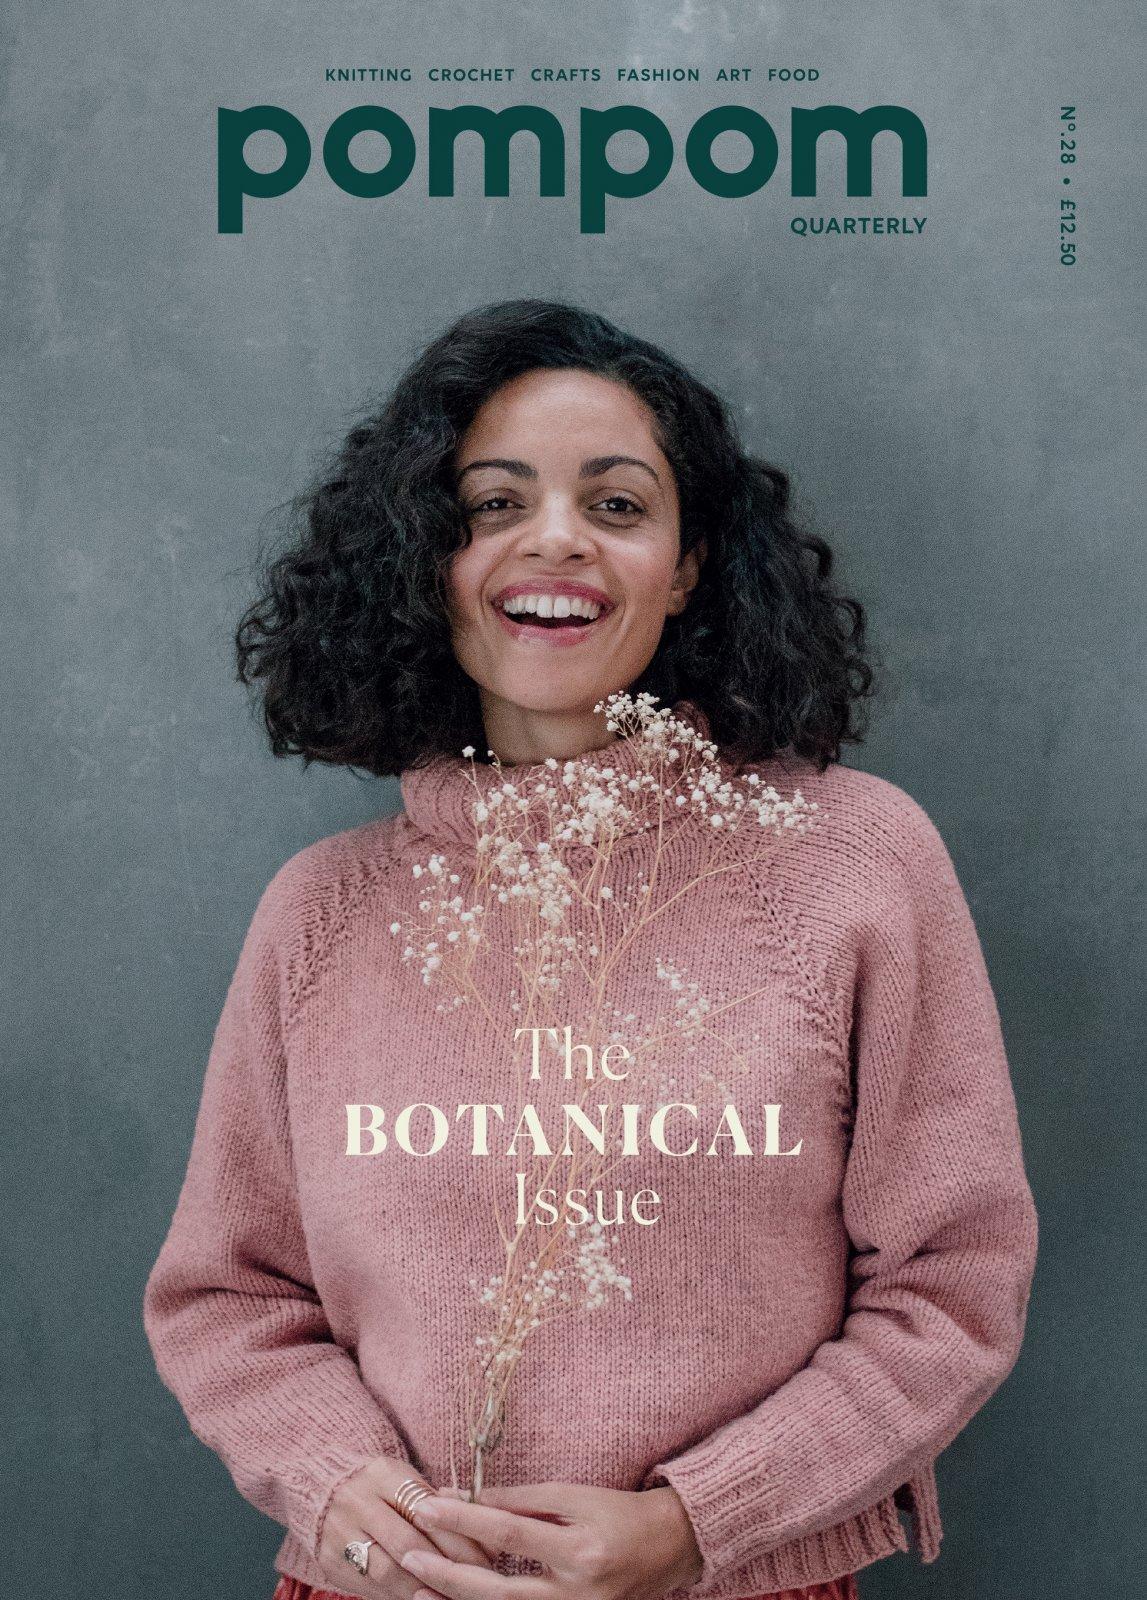 pom pom quarterly #28, spring 2019